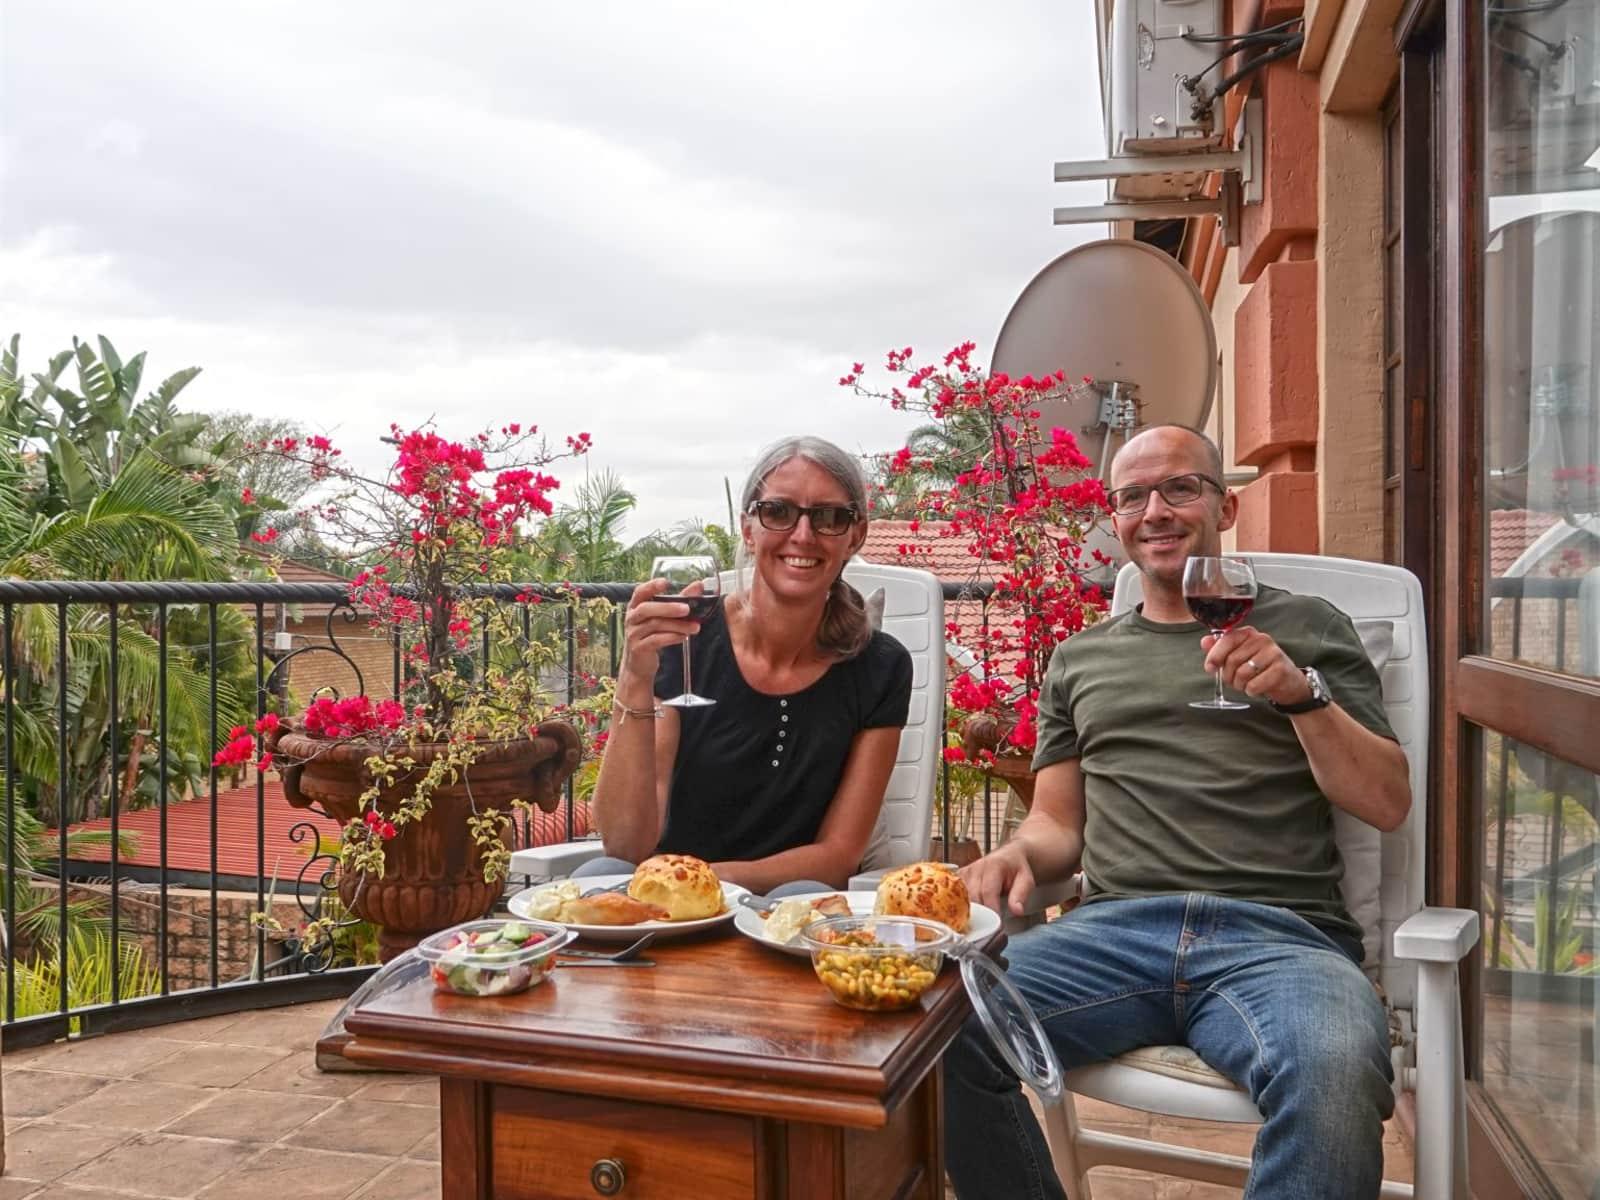 Aaron & Ilse from Sittard, Netherlands